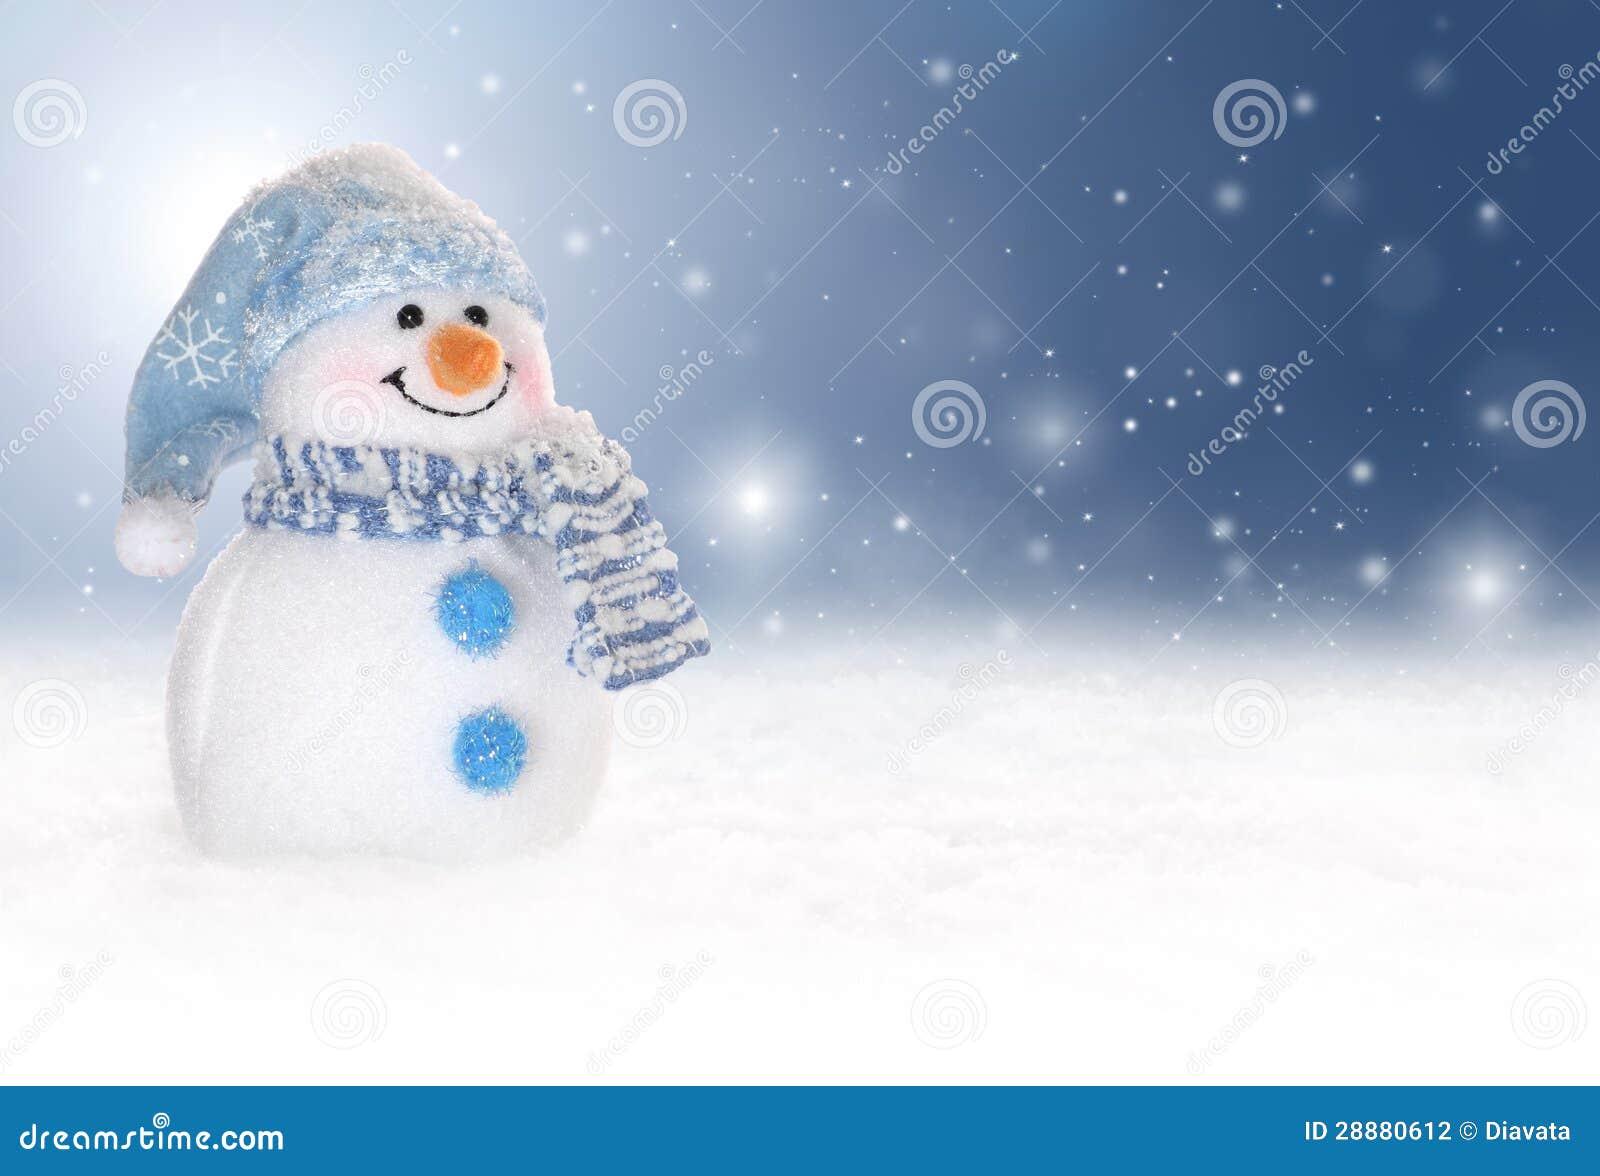 Предпосылка зимы с снеговиком, снежком и снежинками